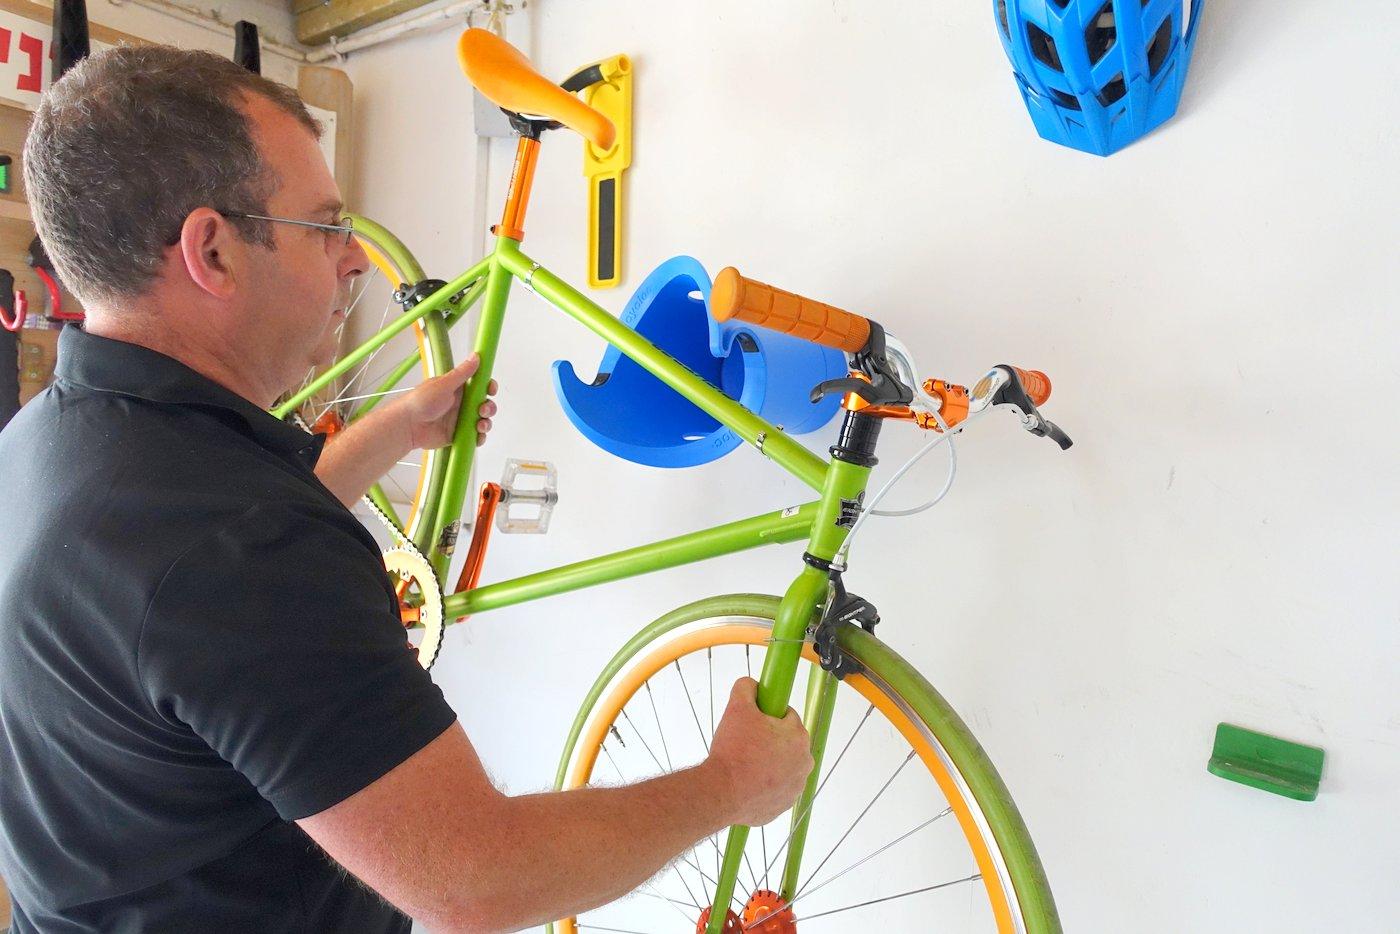 מורדי מדגים את מוצרי Cycloc: קטגוריה נוספת של מוצרים בחן אופן: